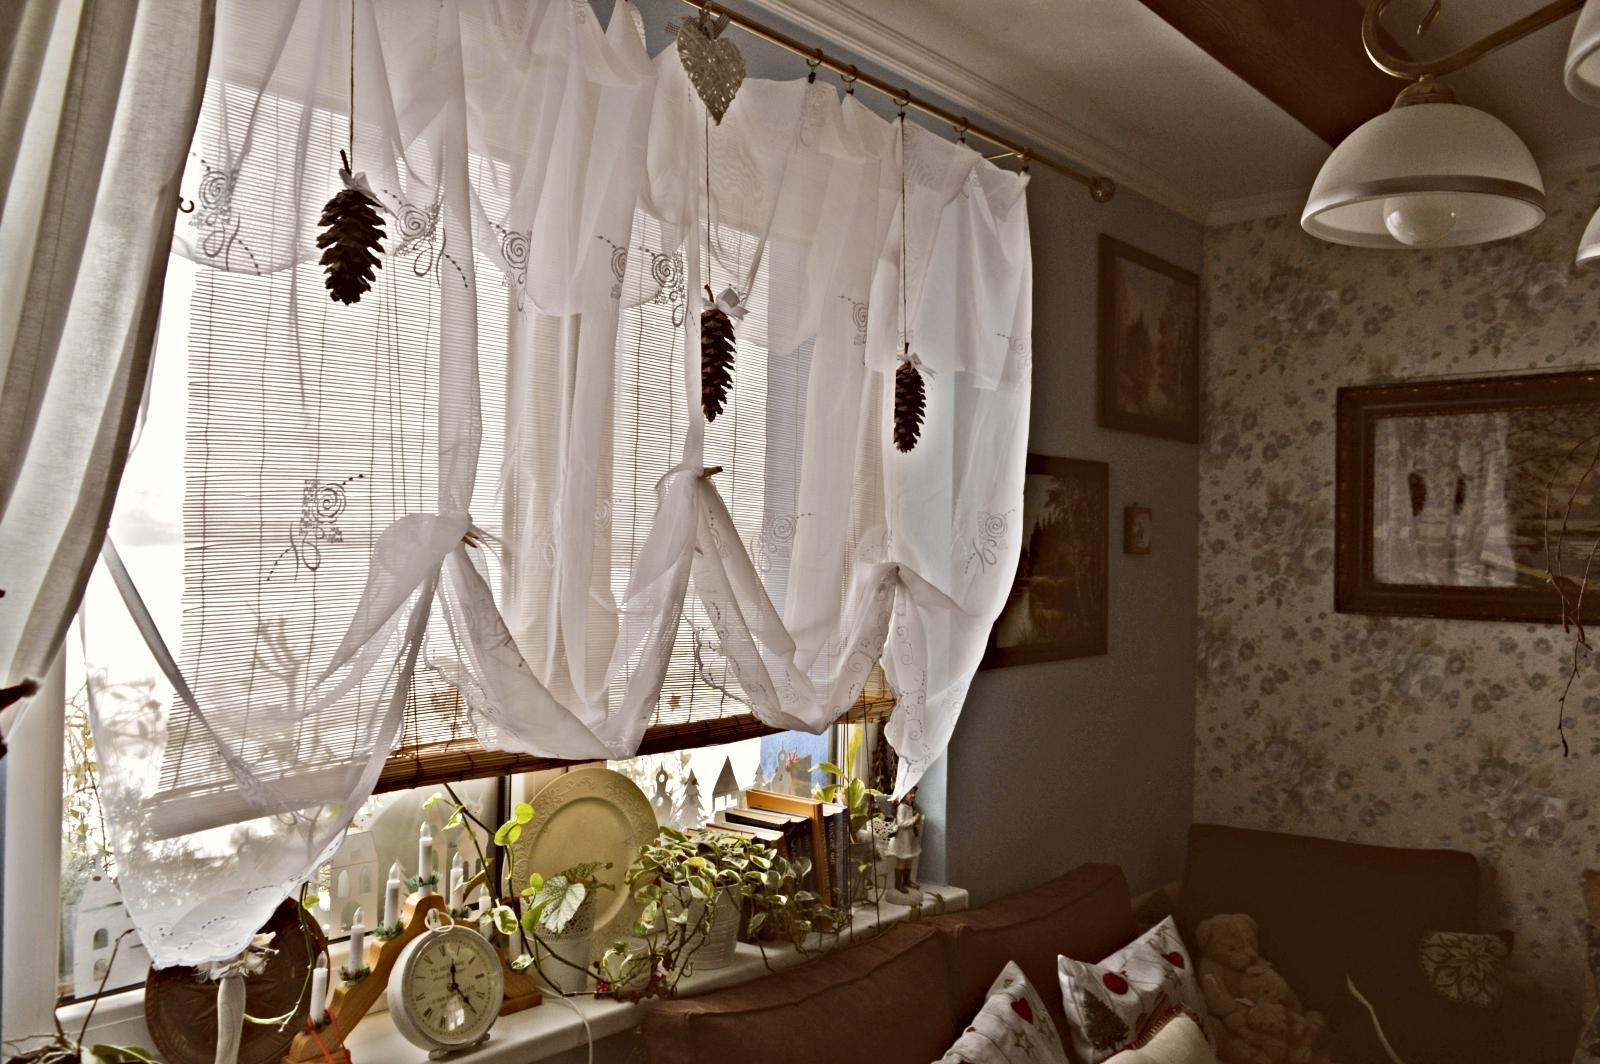 Vianočný domček na poli - Obrázok č. 143